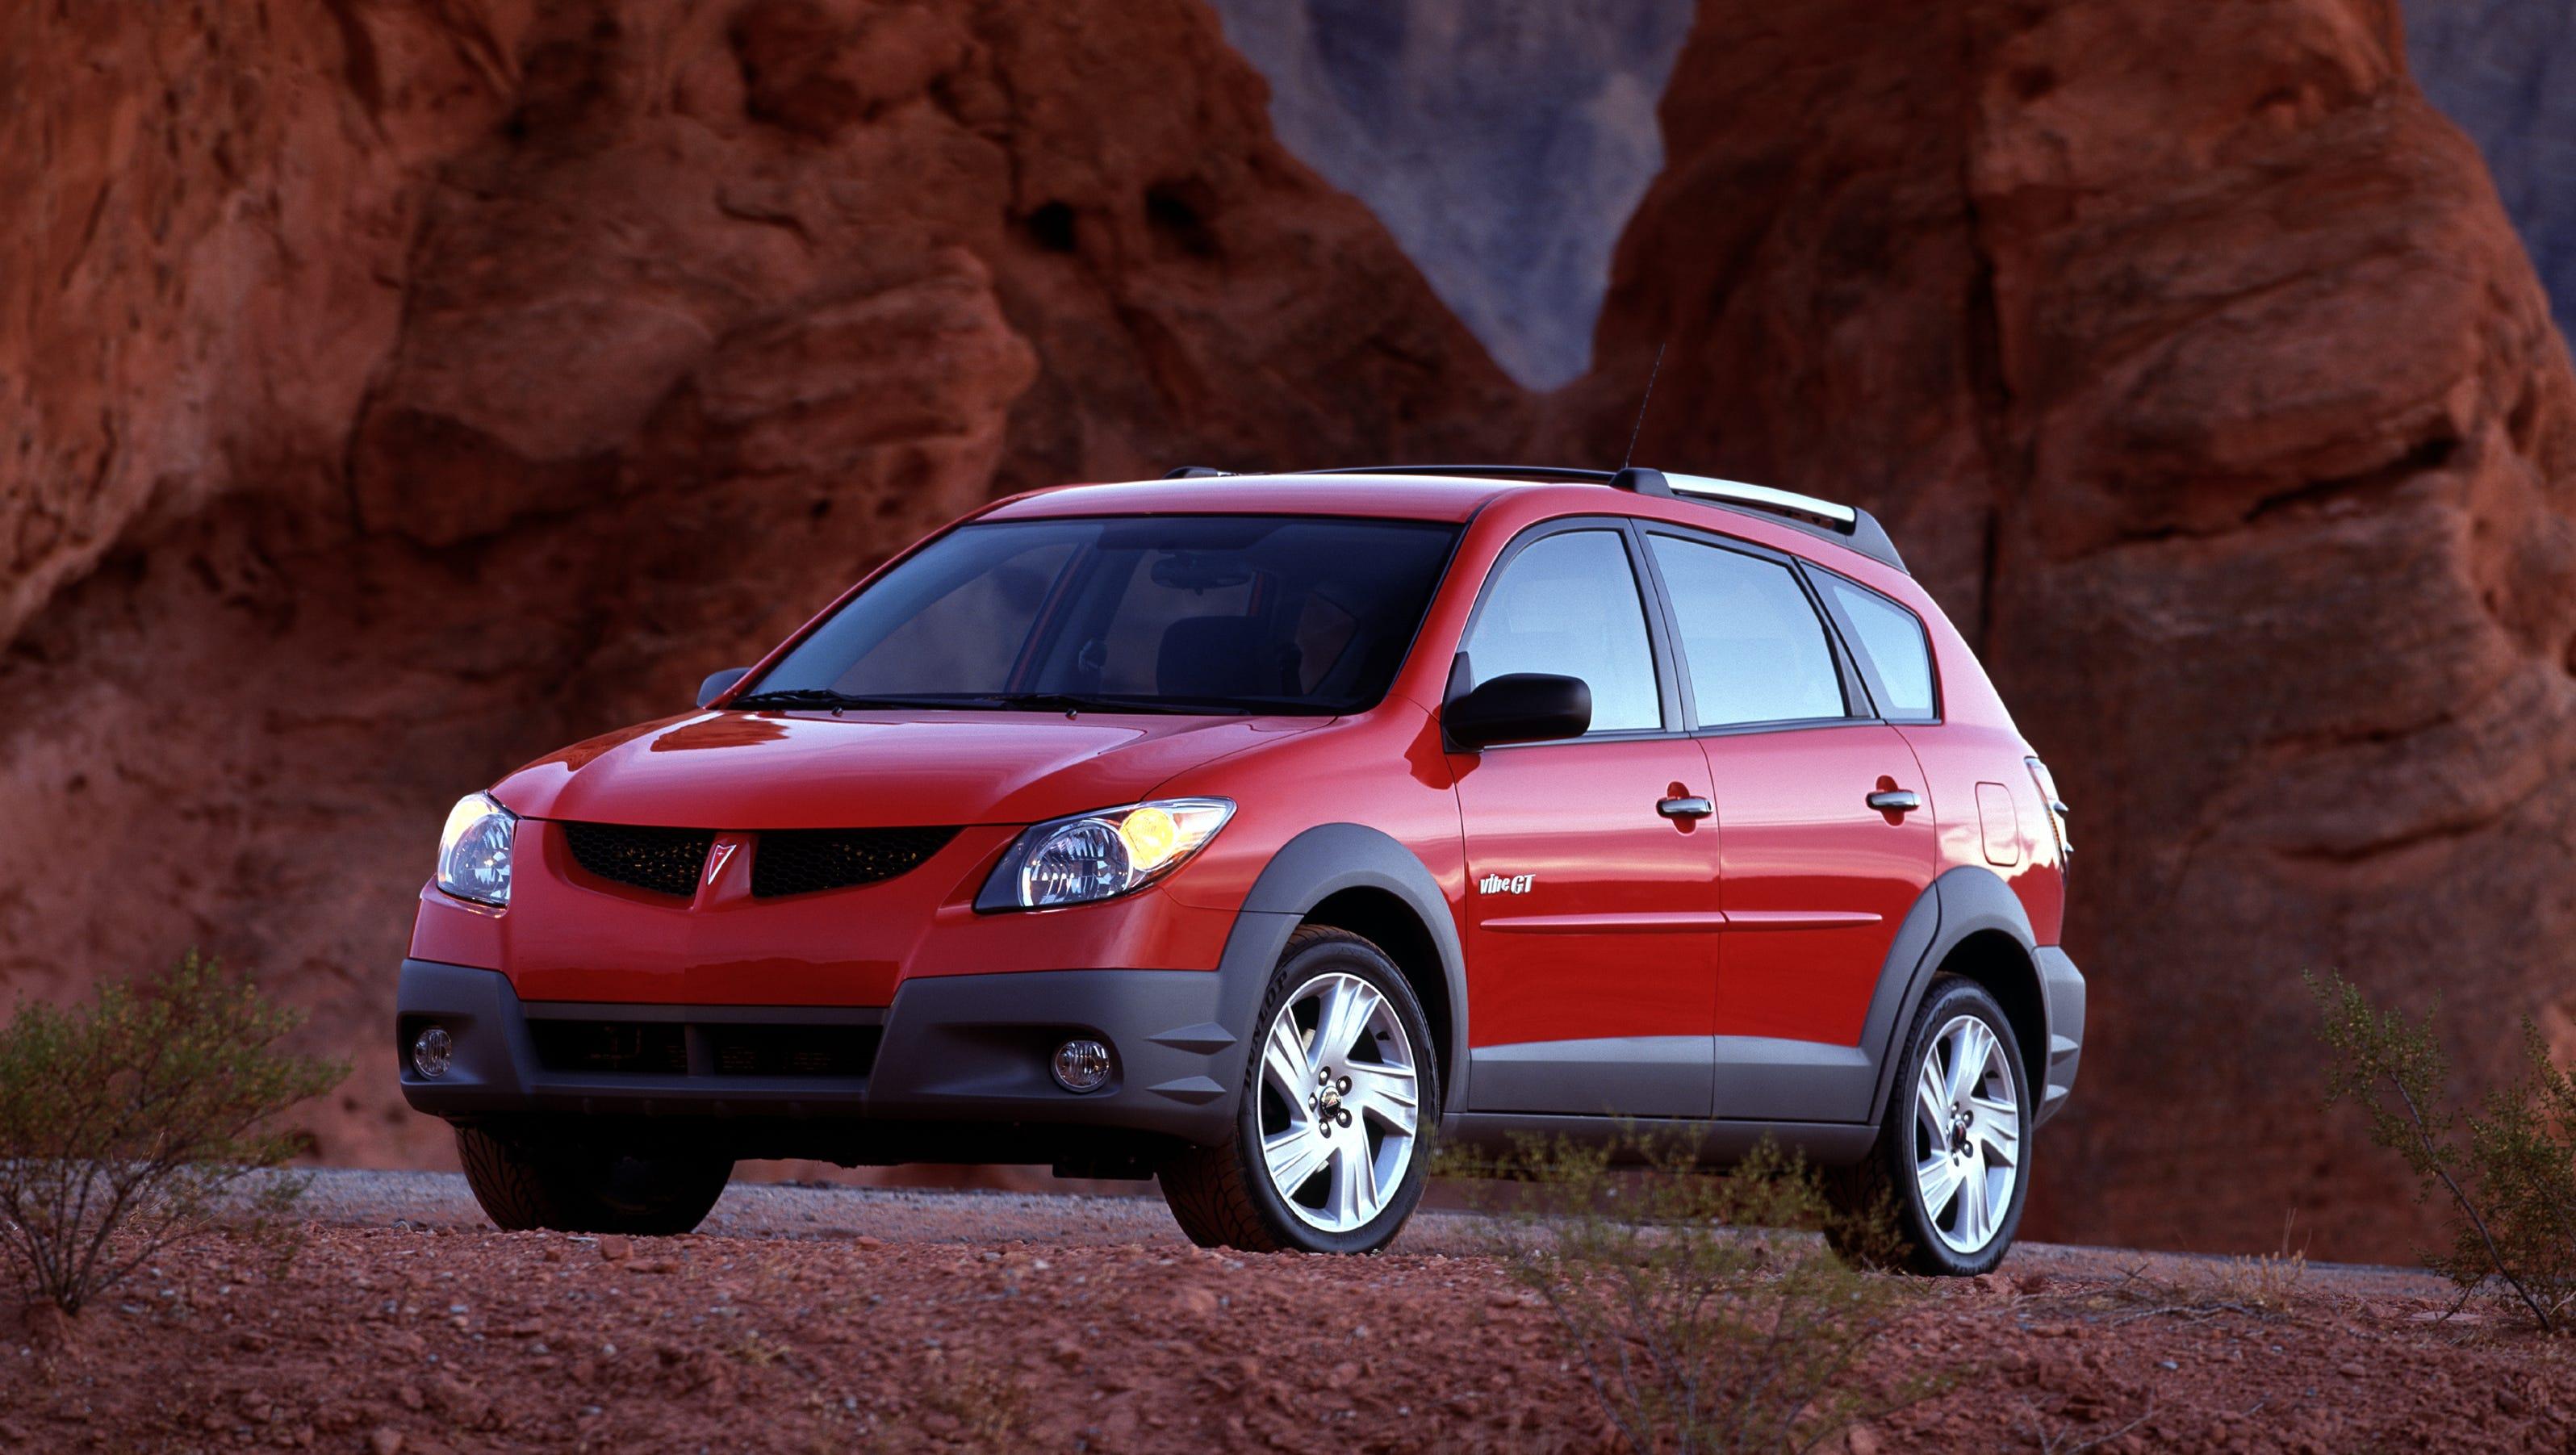 General Motors Recalls 12 New Models Kfdx General